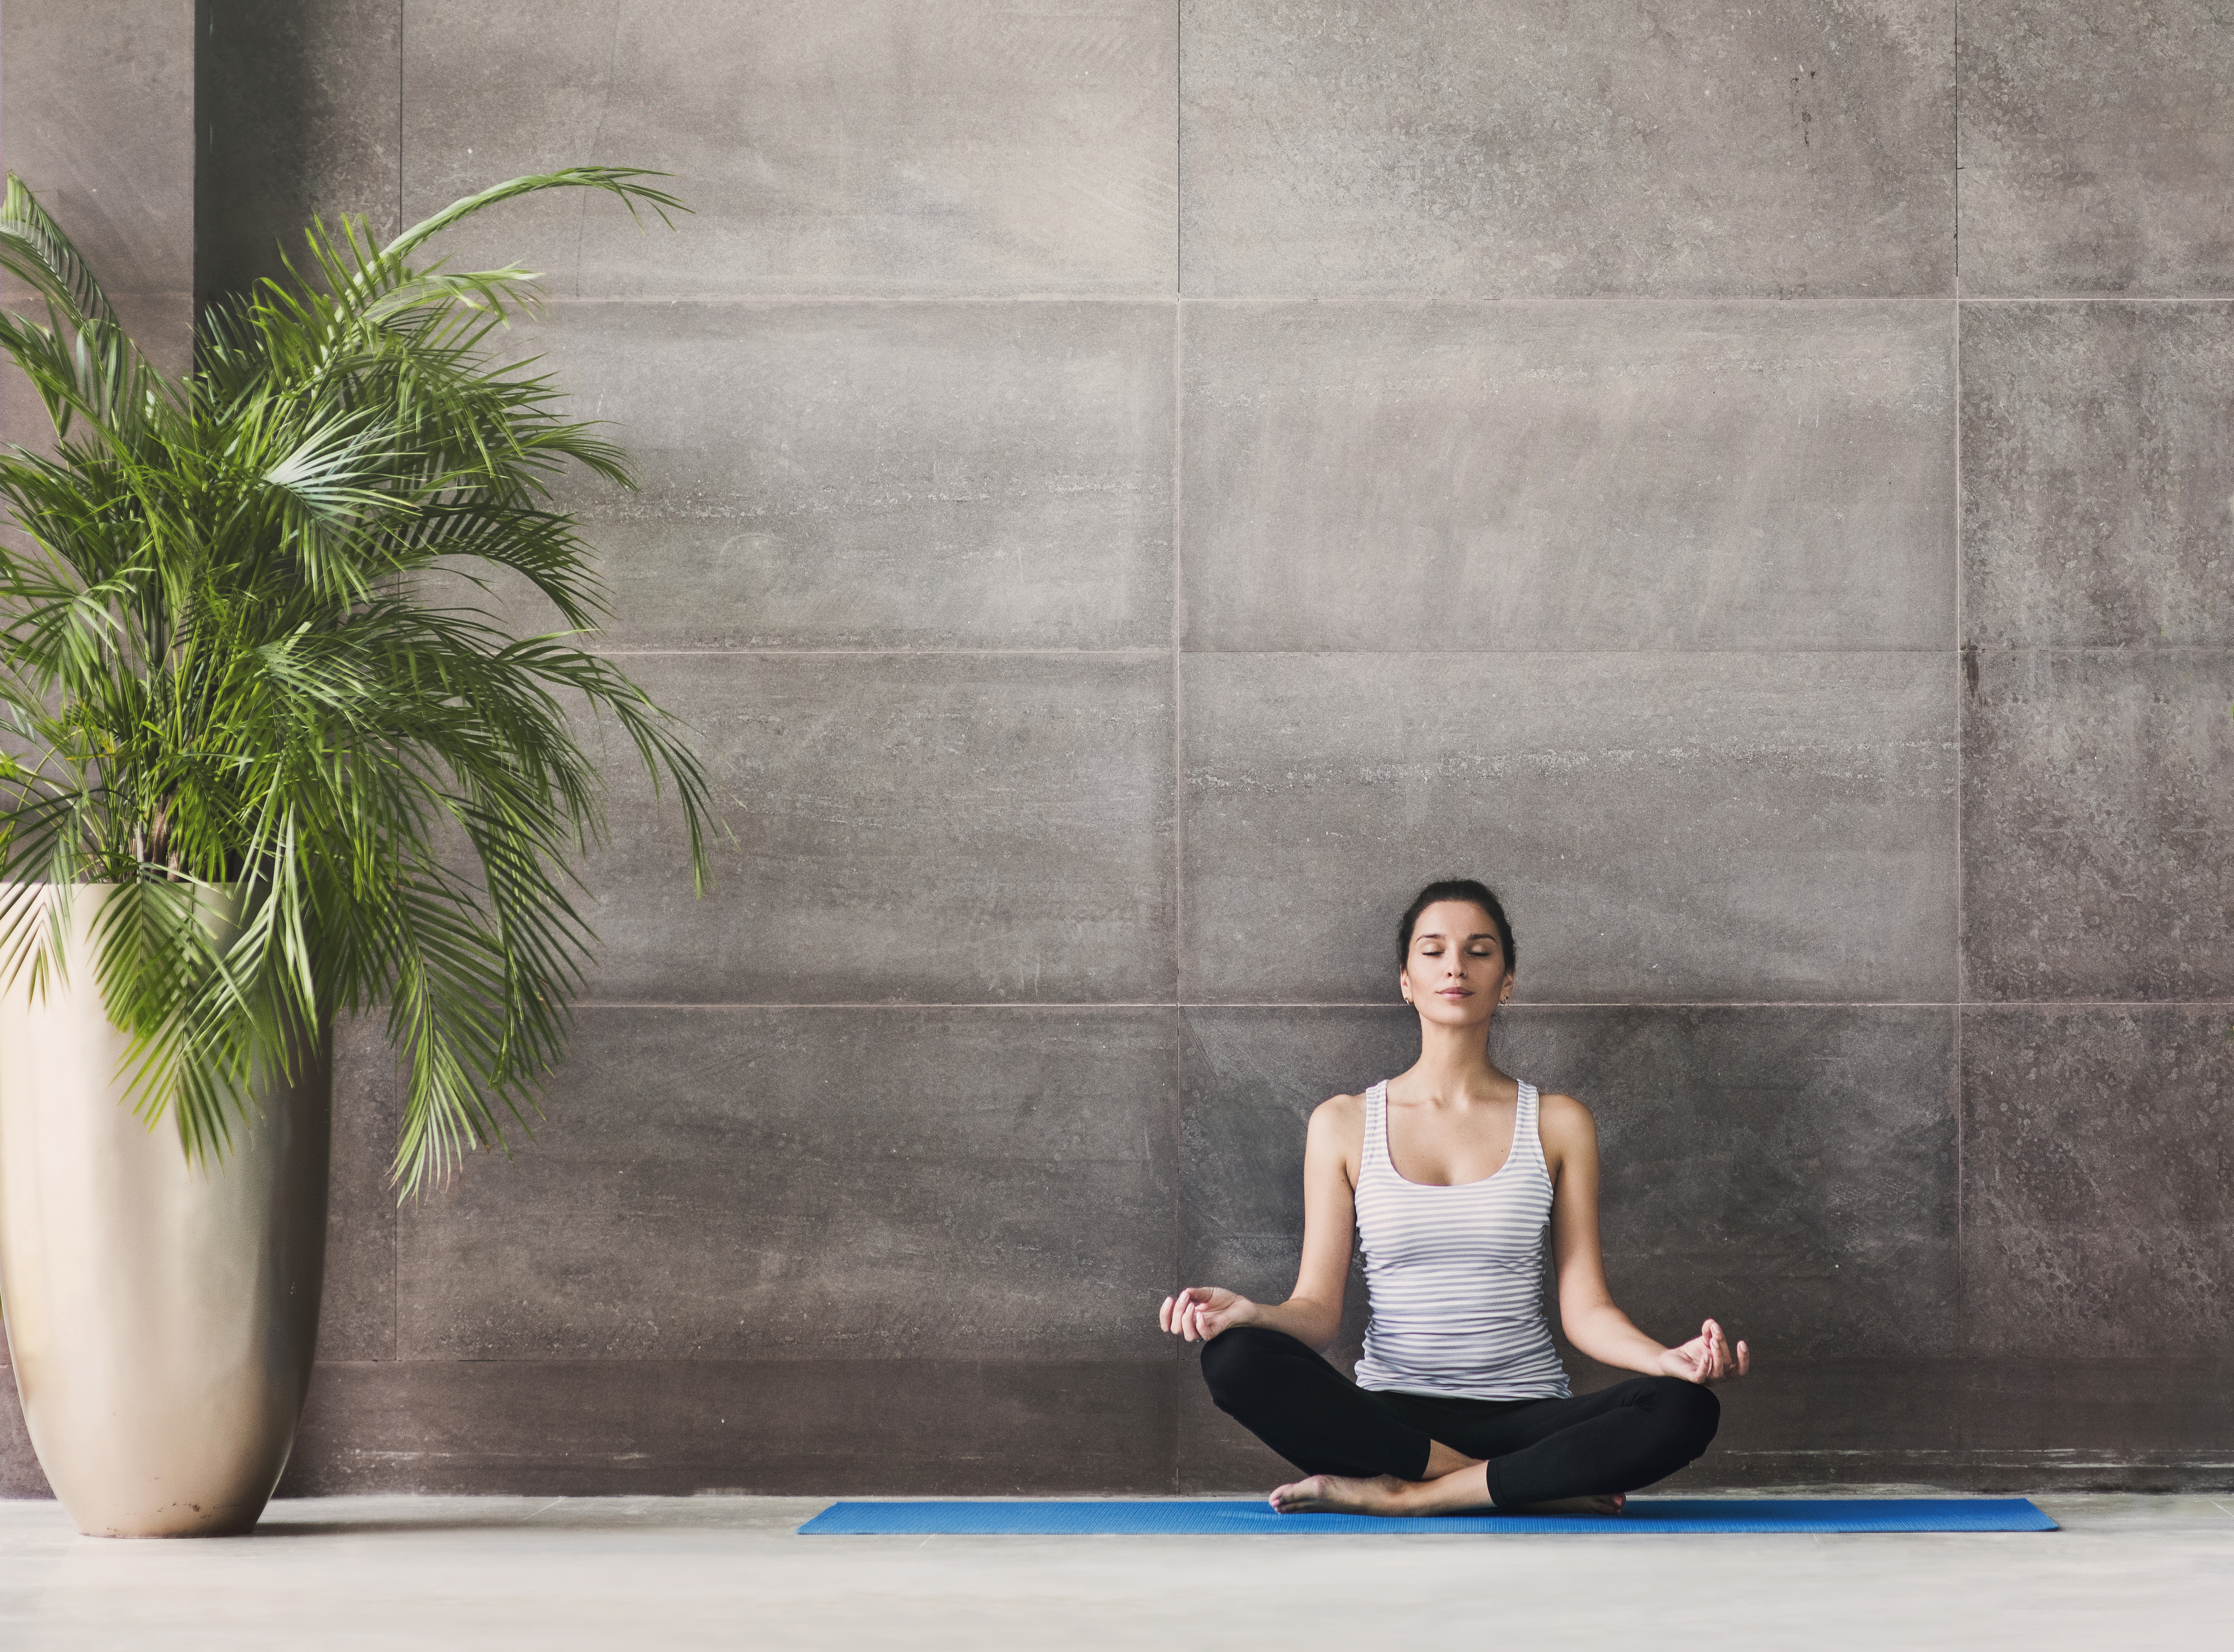 5 міфів про йогу, які вводять вас в оману